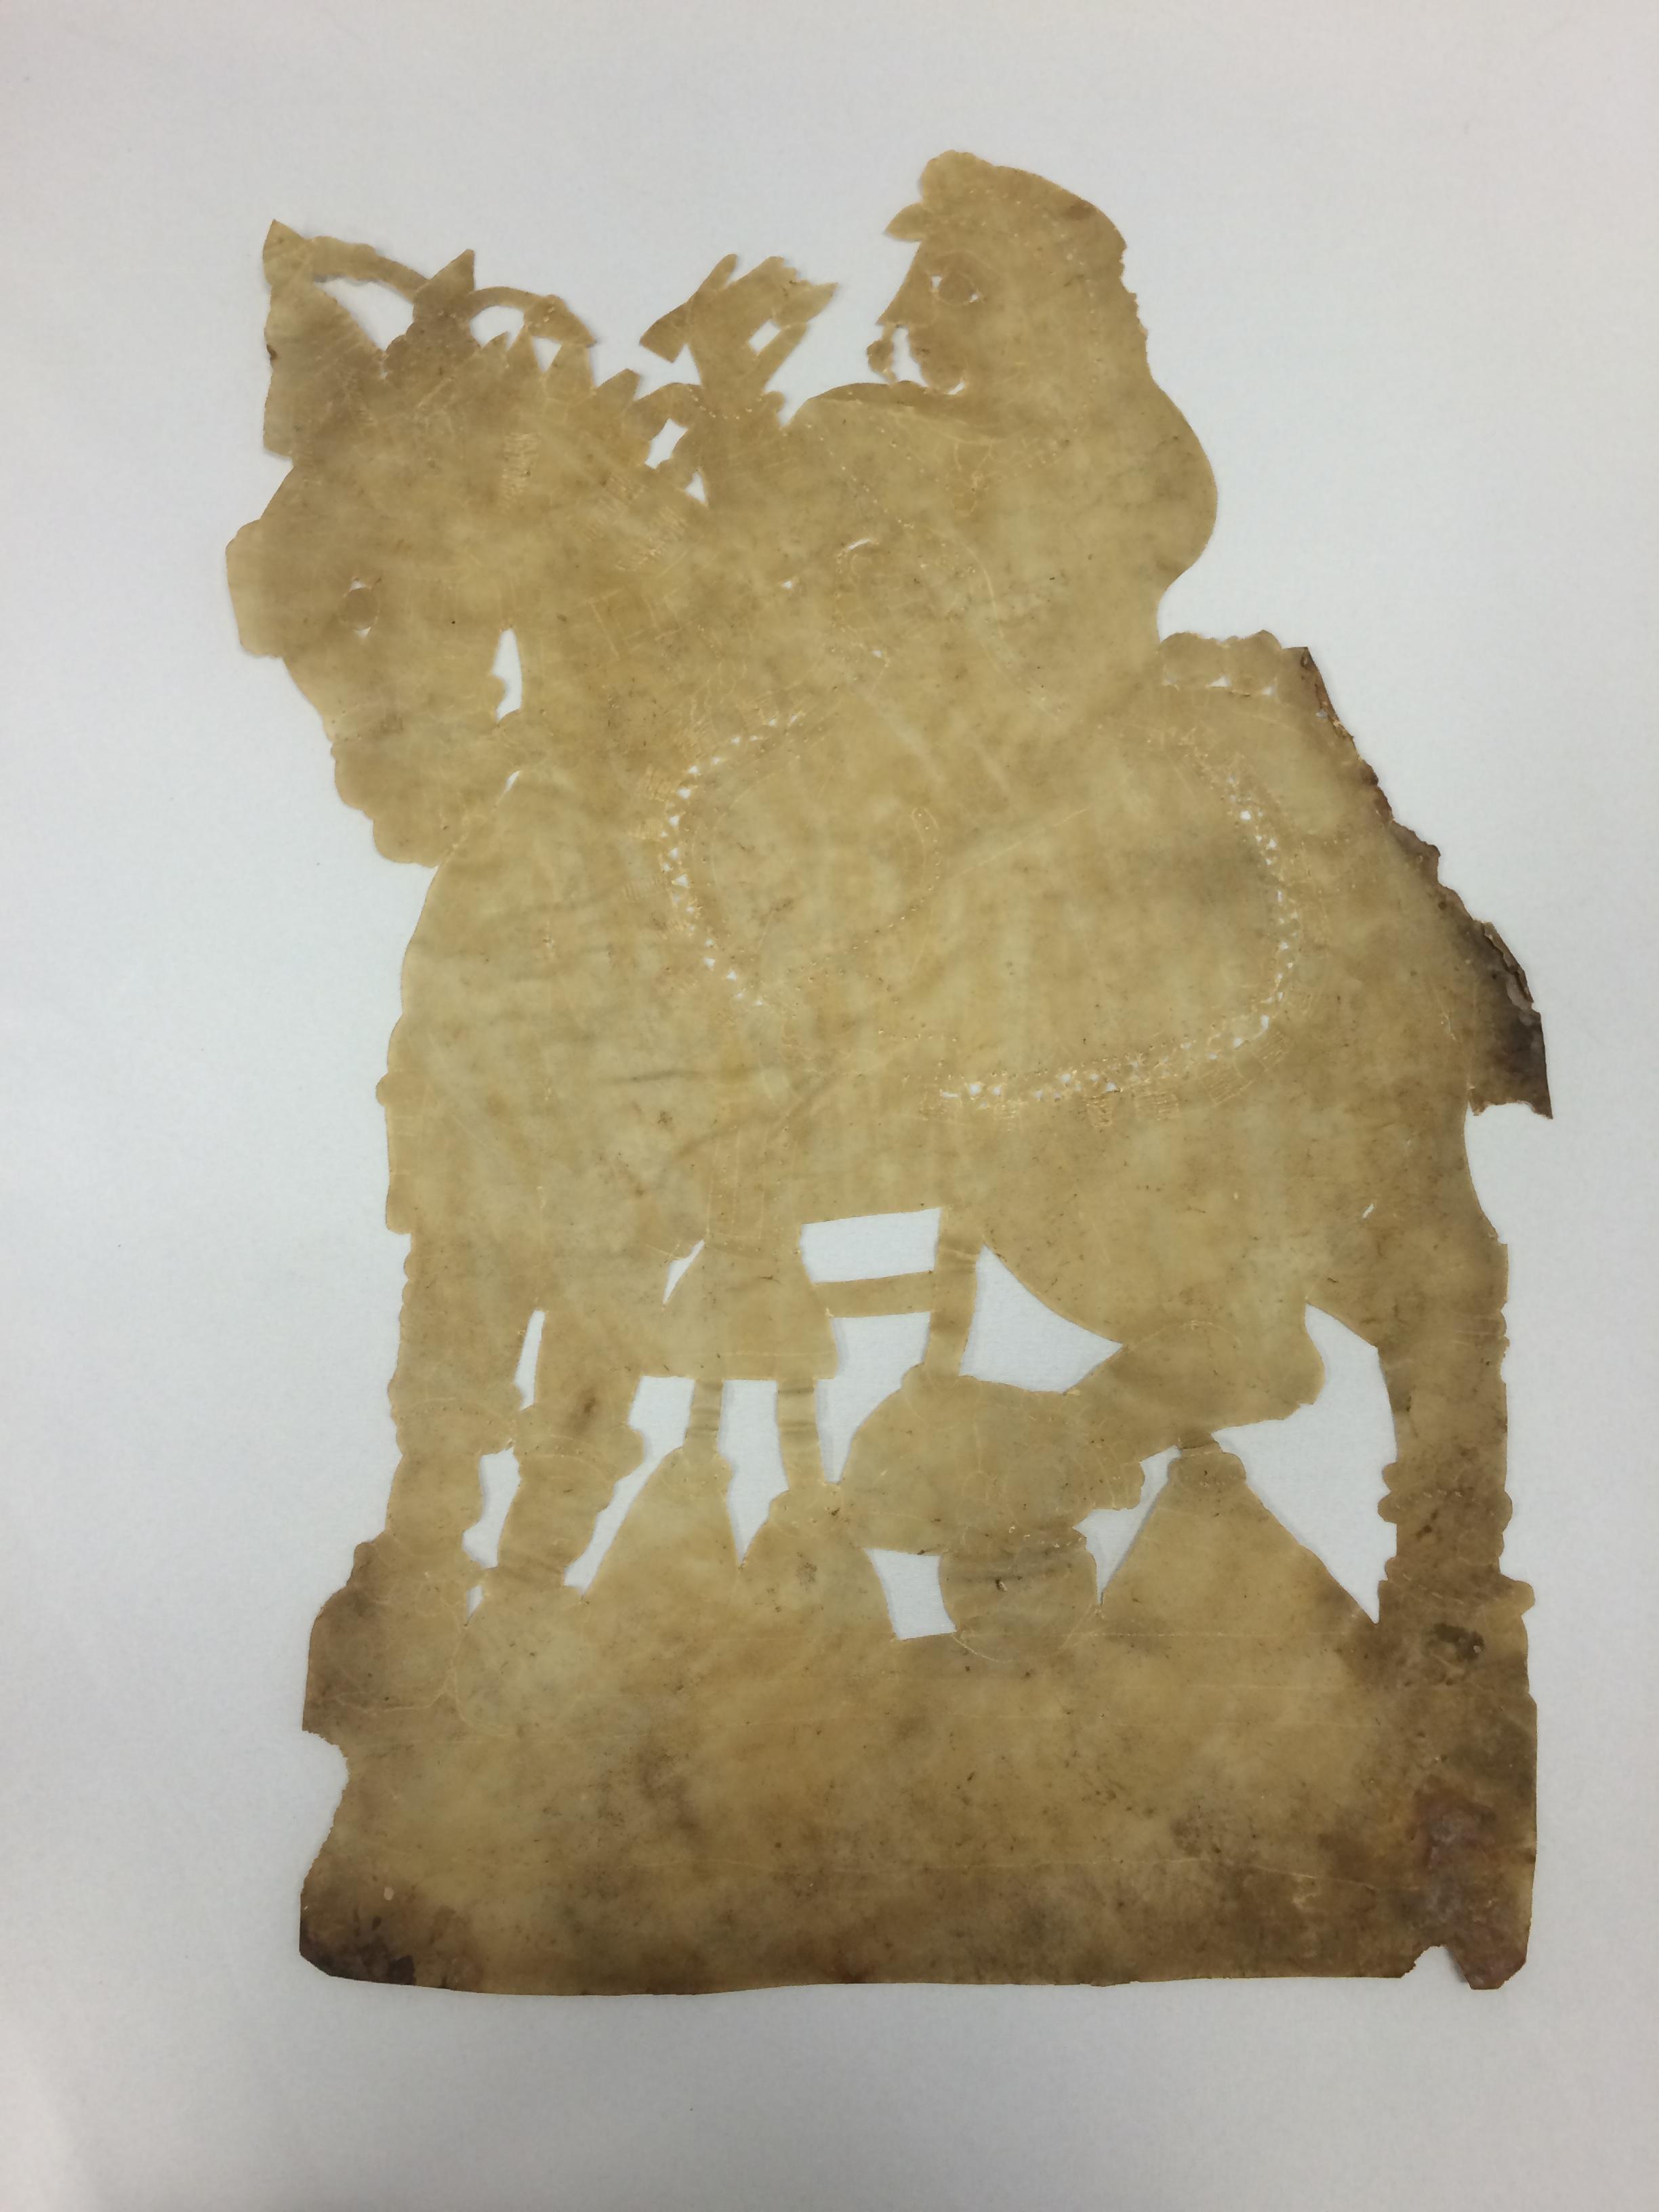 Sîtâ à cheval, une figure d'ombre, ravanachhaya, d'<em>Or</em>issa (Odisha), en Inde, hauteur : 60 cm. Collection : Center for Puppetry Arts (Atlanta, Géorgie, États-Unis)